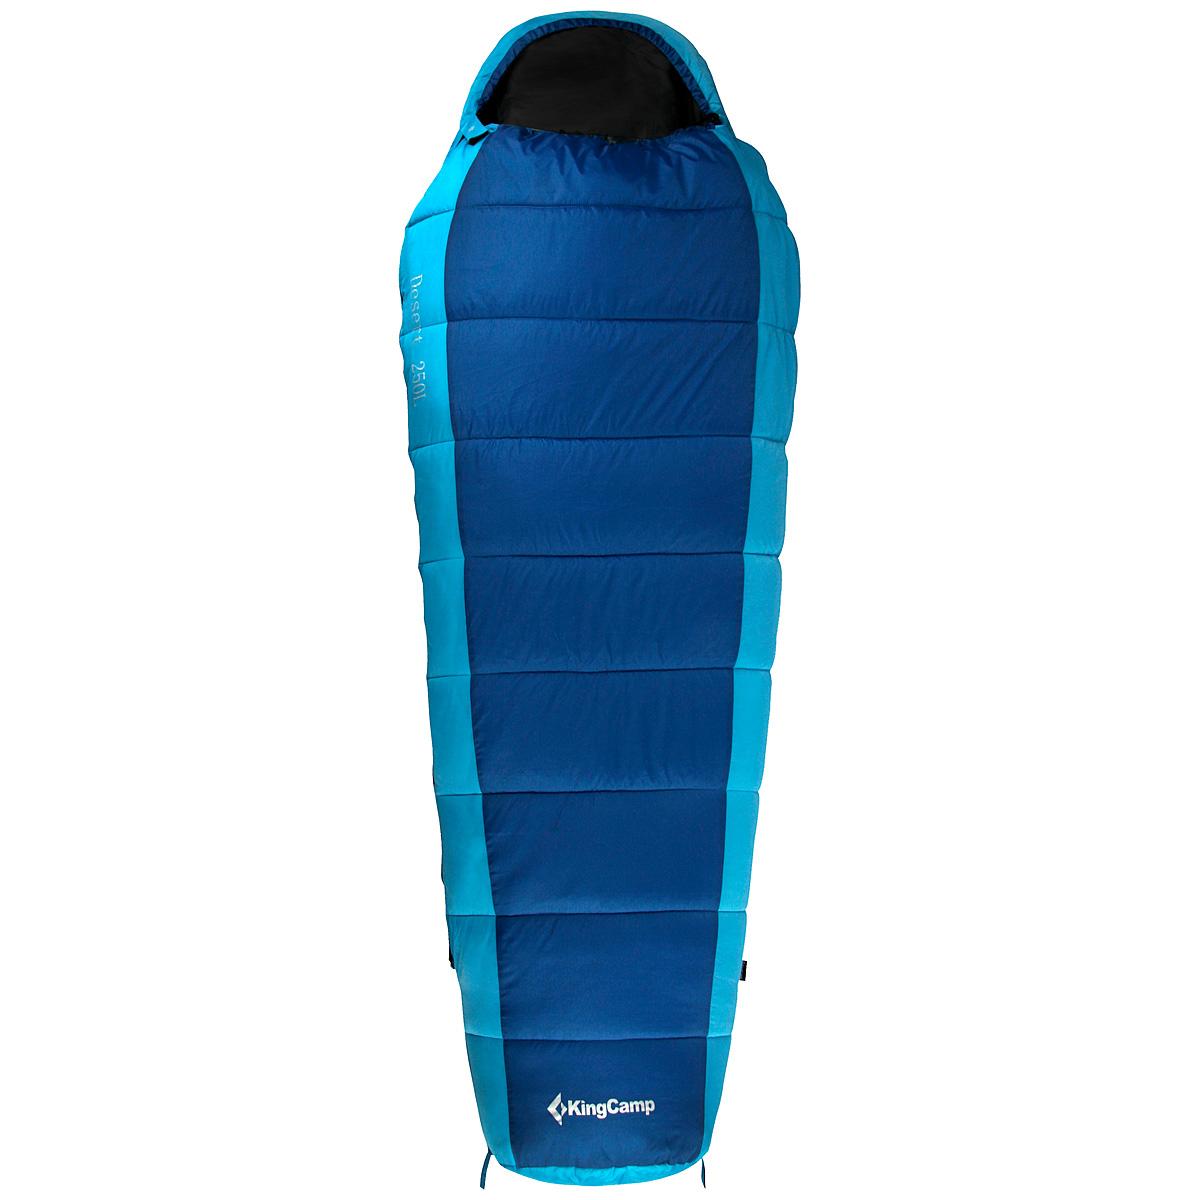 Спальный мешок-кокон KingCamp Desert 250L KS3185, левосторонняя молния, цвет: синий